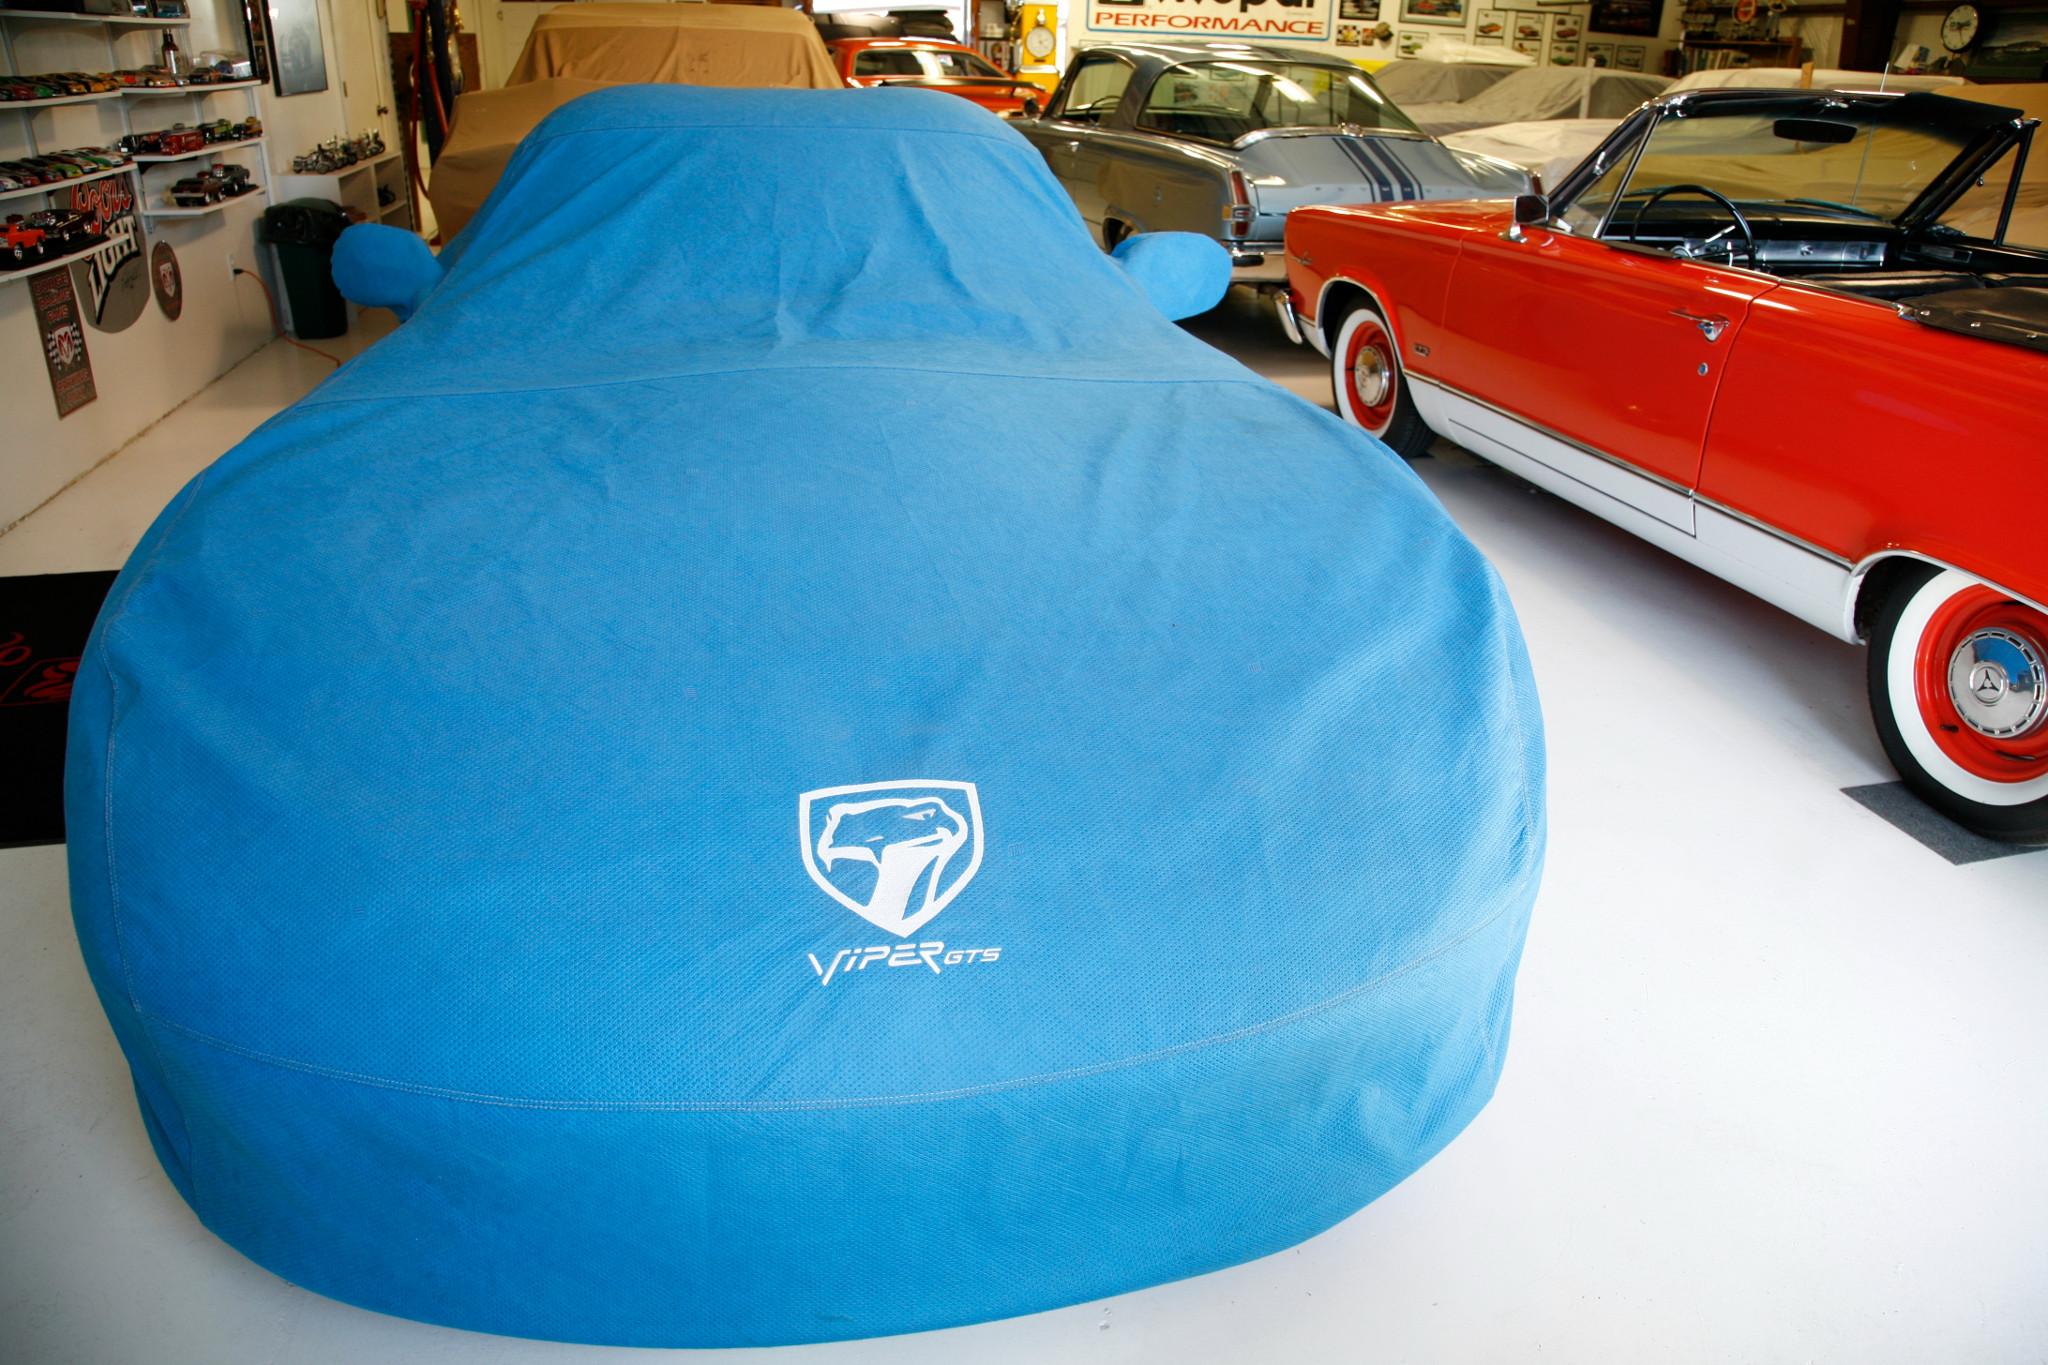 Viper car cover